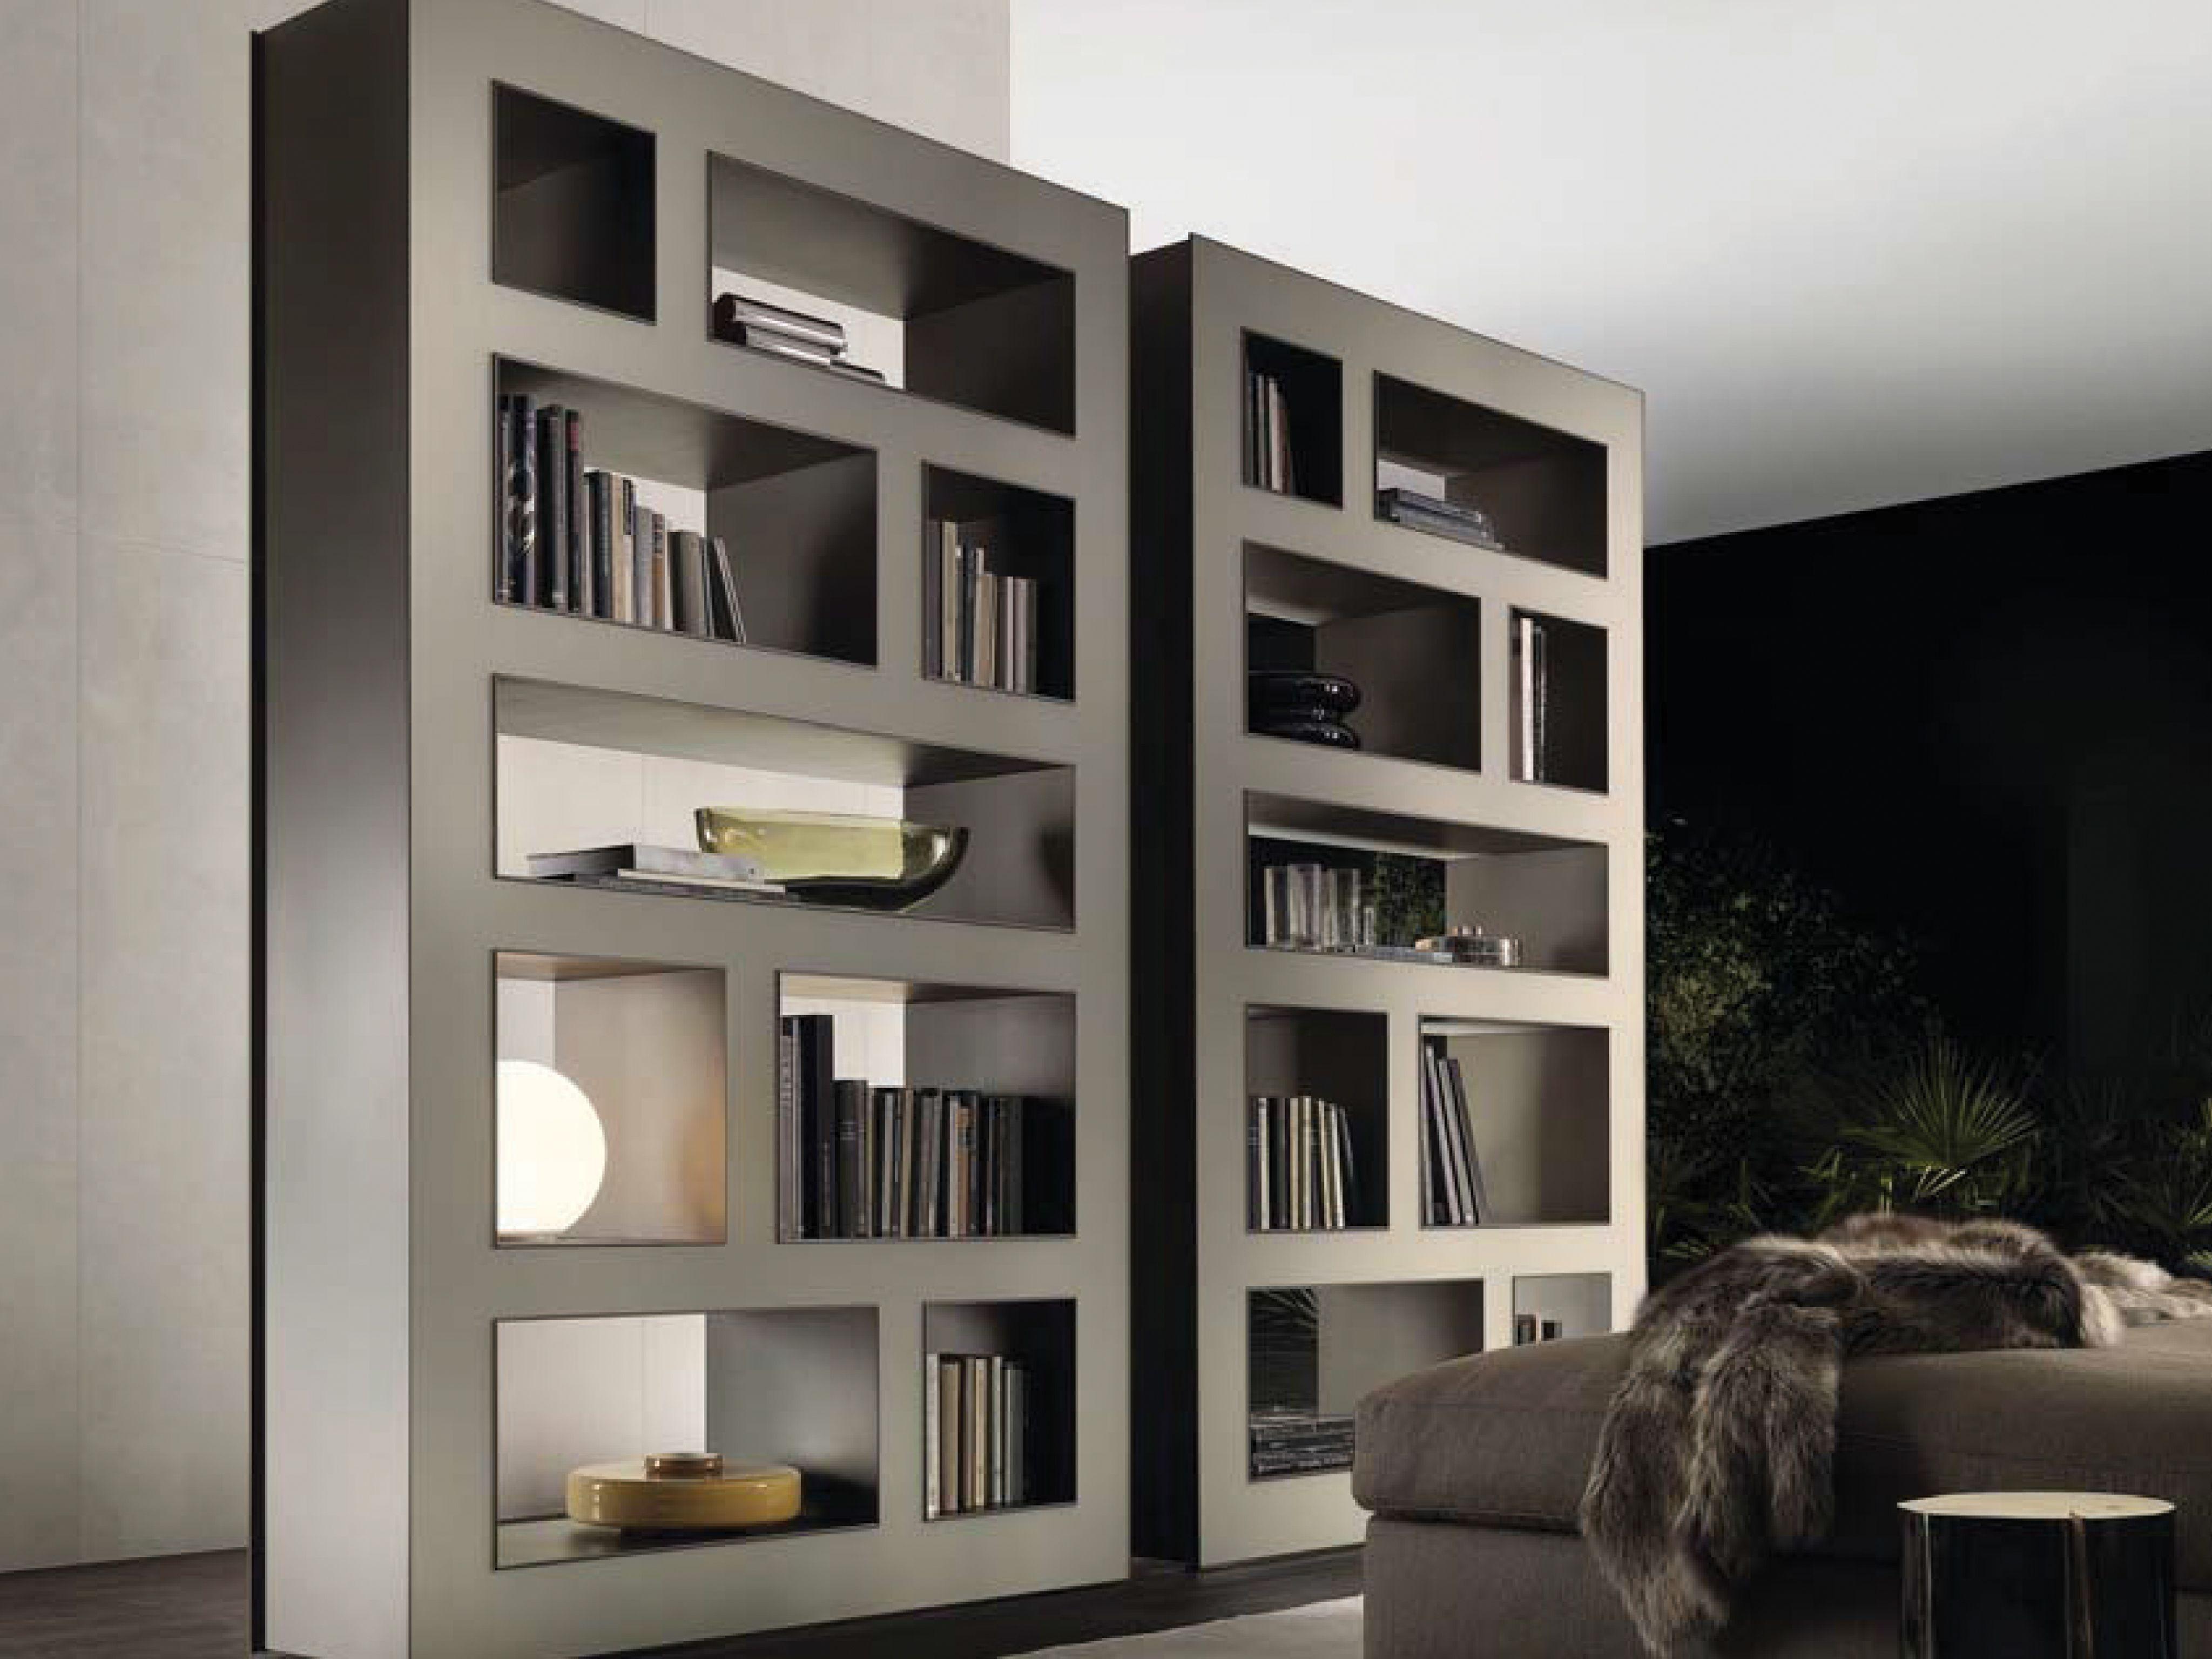 Rimadesio Bookcase Stele Bookcase Storage Furniture Design